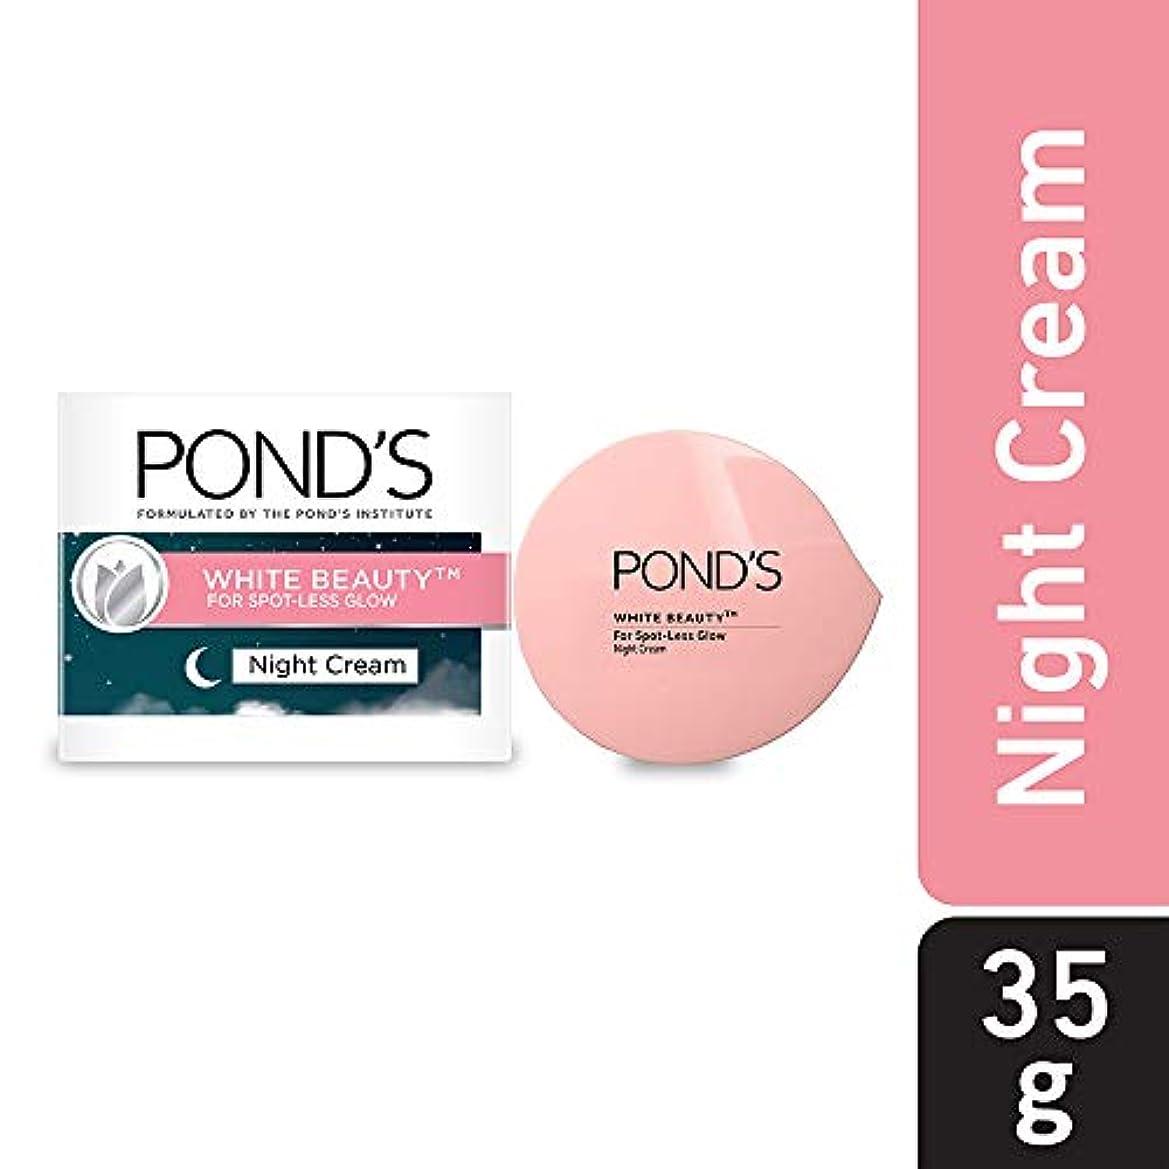 時間サイズ申請中POND'S White Beauty Night Cream, 35 g - India (並行インポート)